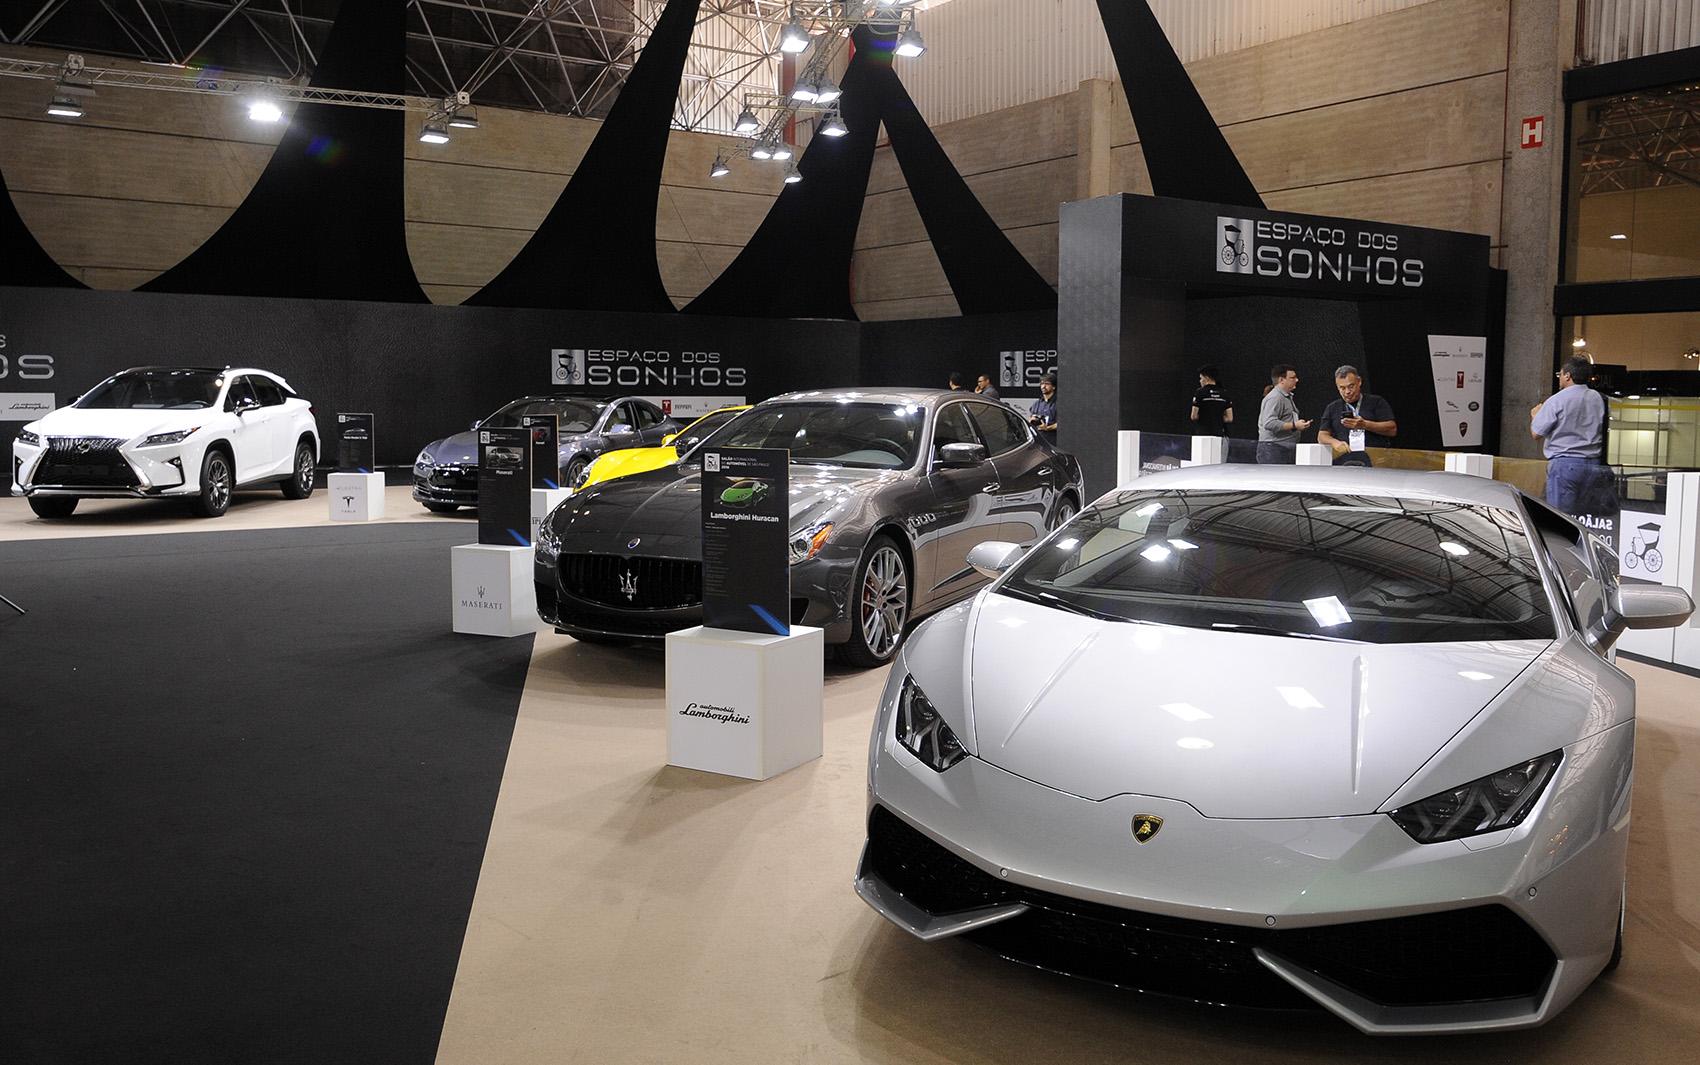 Espaço dos Sonhos reúne carrões no Salão do Automóvel de São Paulo 2016